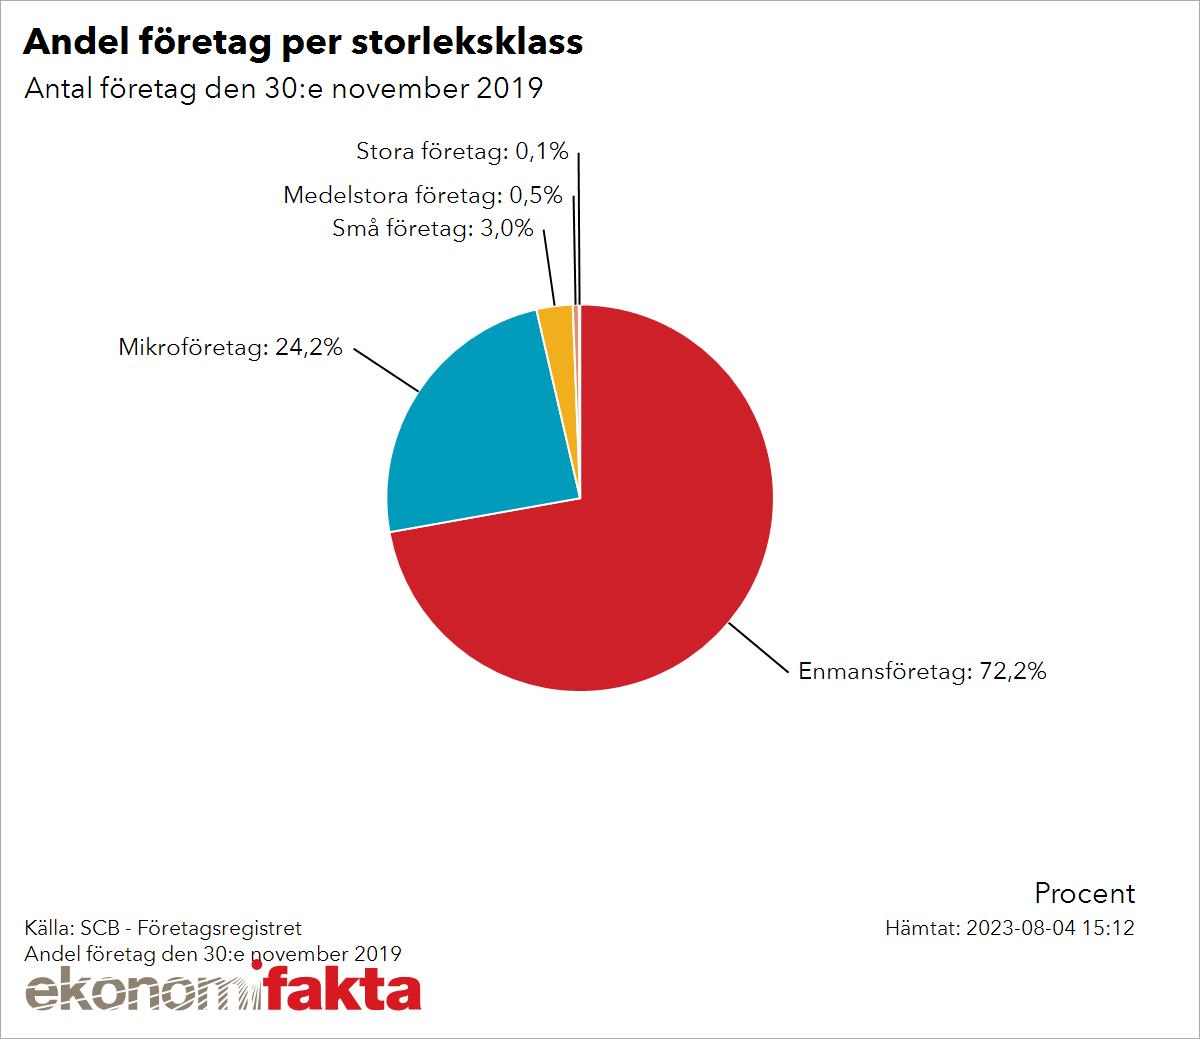 olika företag i sverige